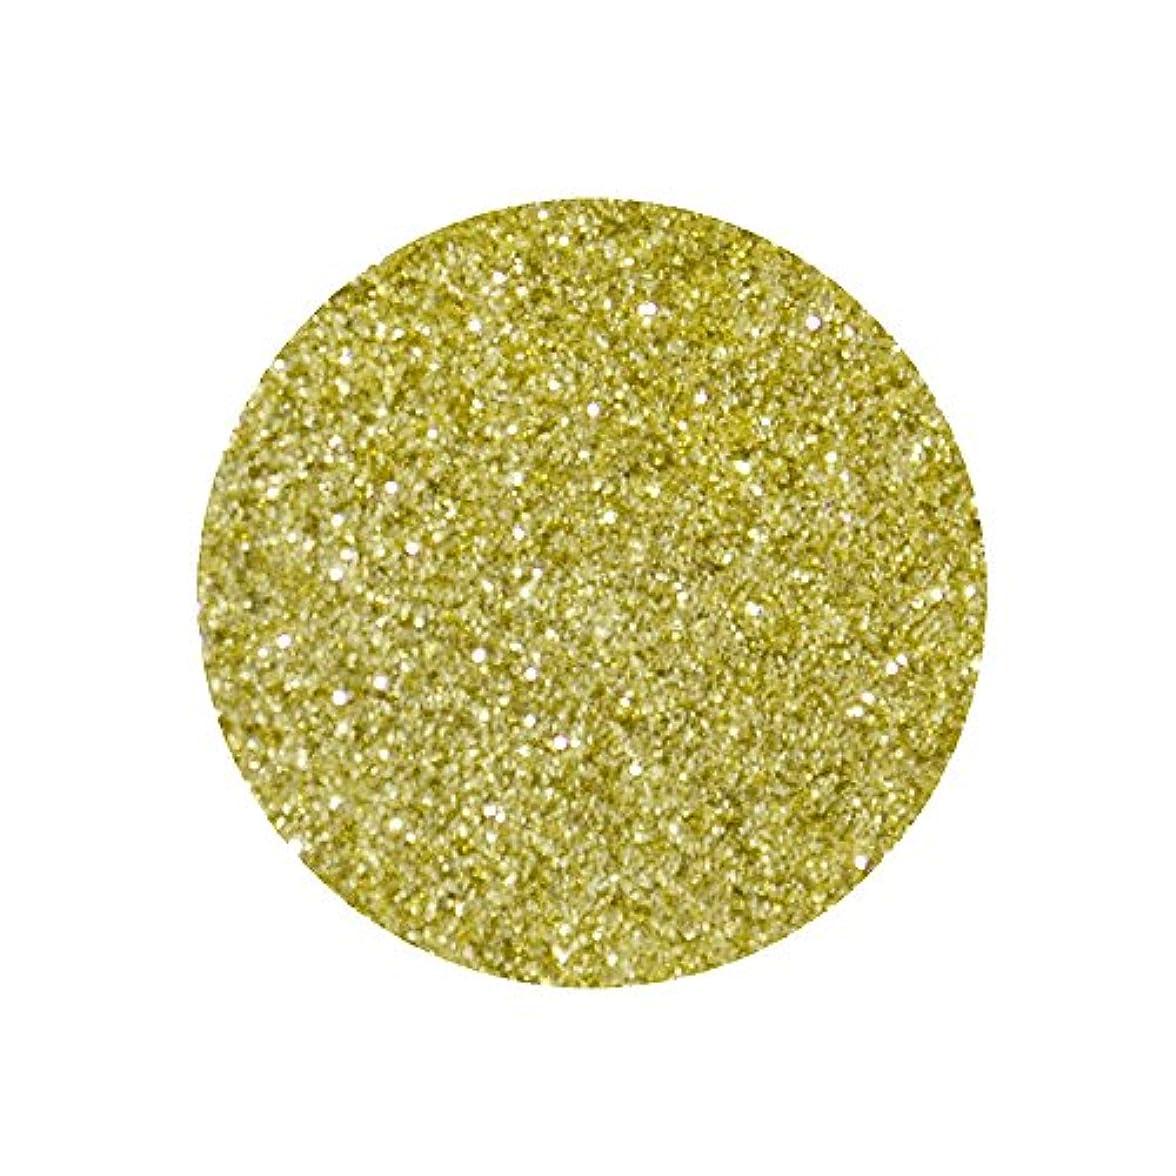 ブロッサム効能周辺irogel イロジェル 超微粒子マジカルグリッター【メタルライトゴールド】